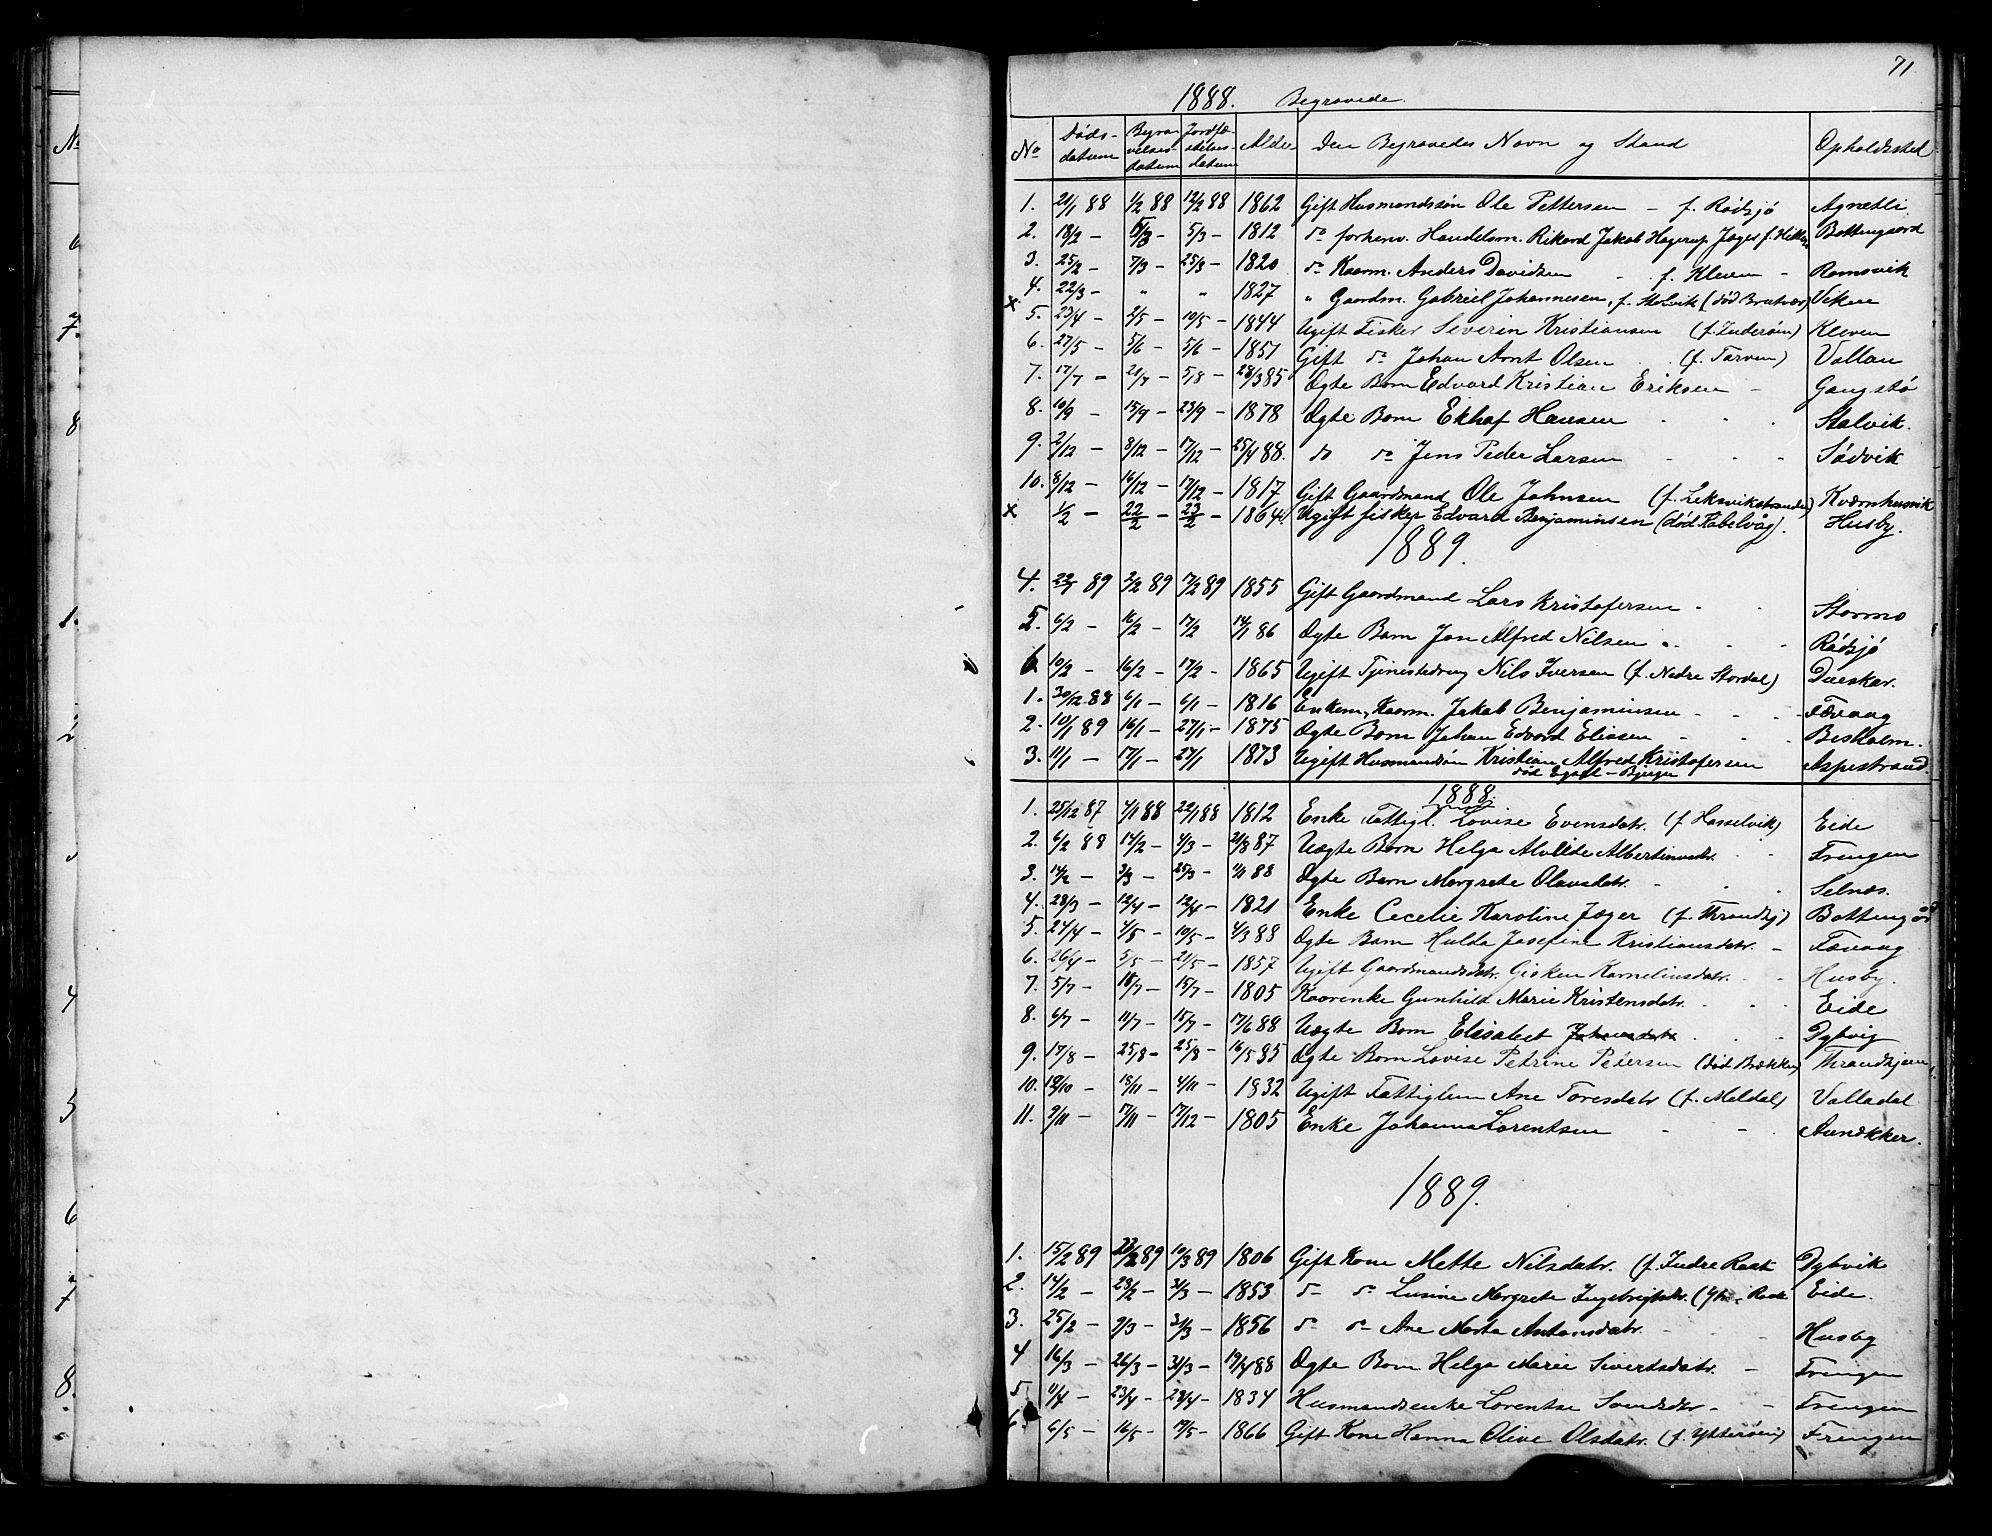 SAT, Ministerialprotokoller, klokkerbøker og fødselsregistre - Sør-Trøndelag, 653/L0657: Klokkerbok nr. 653C01, 1866-1893, s. 71